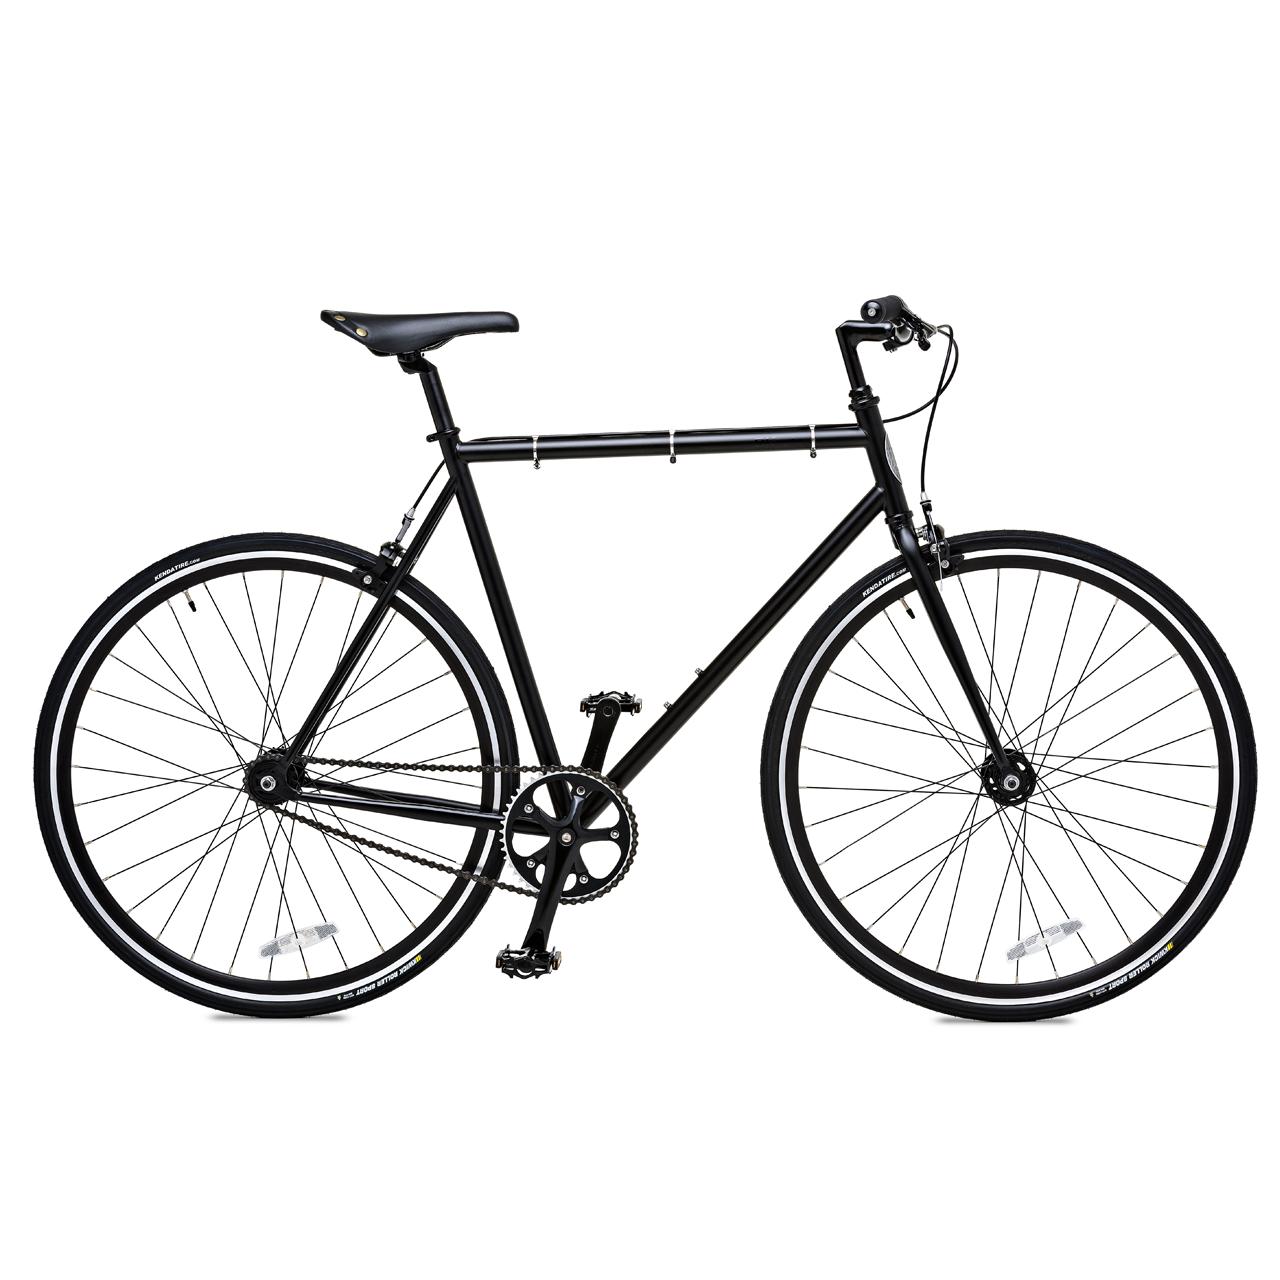 Drawn bike fixie #13